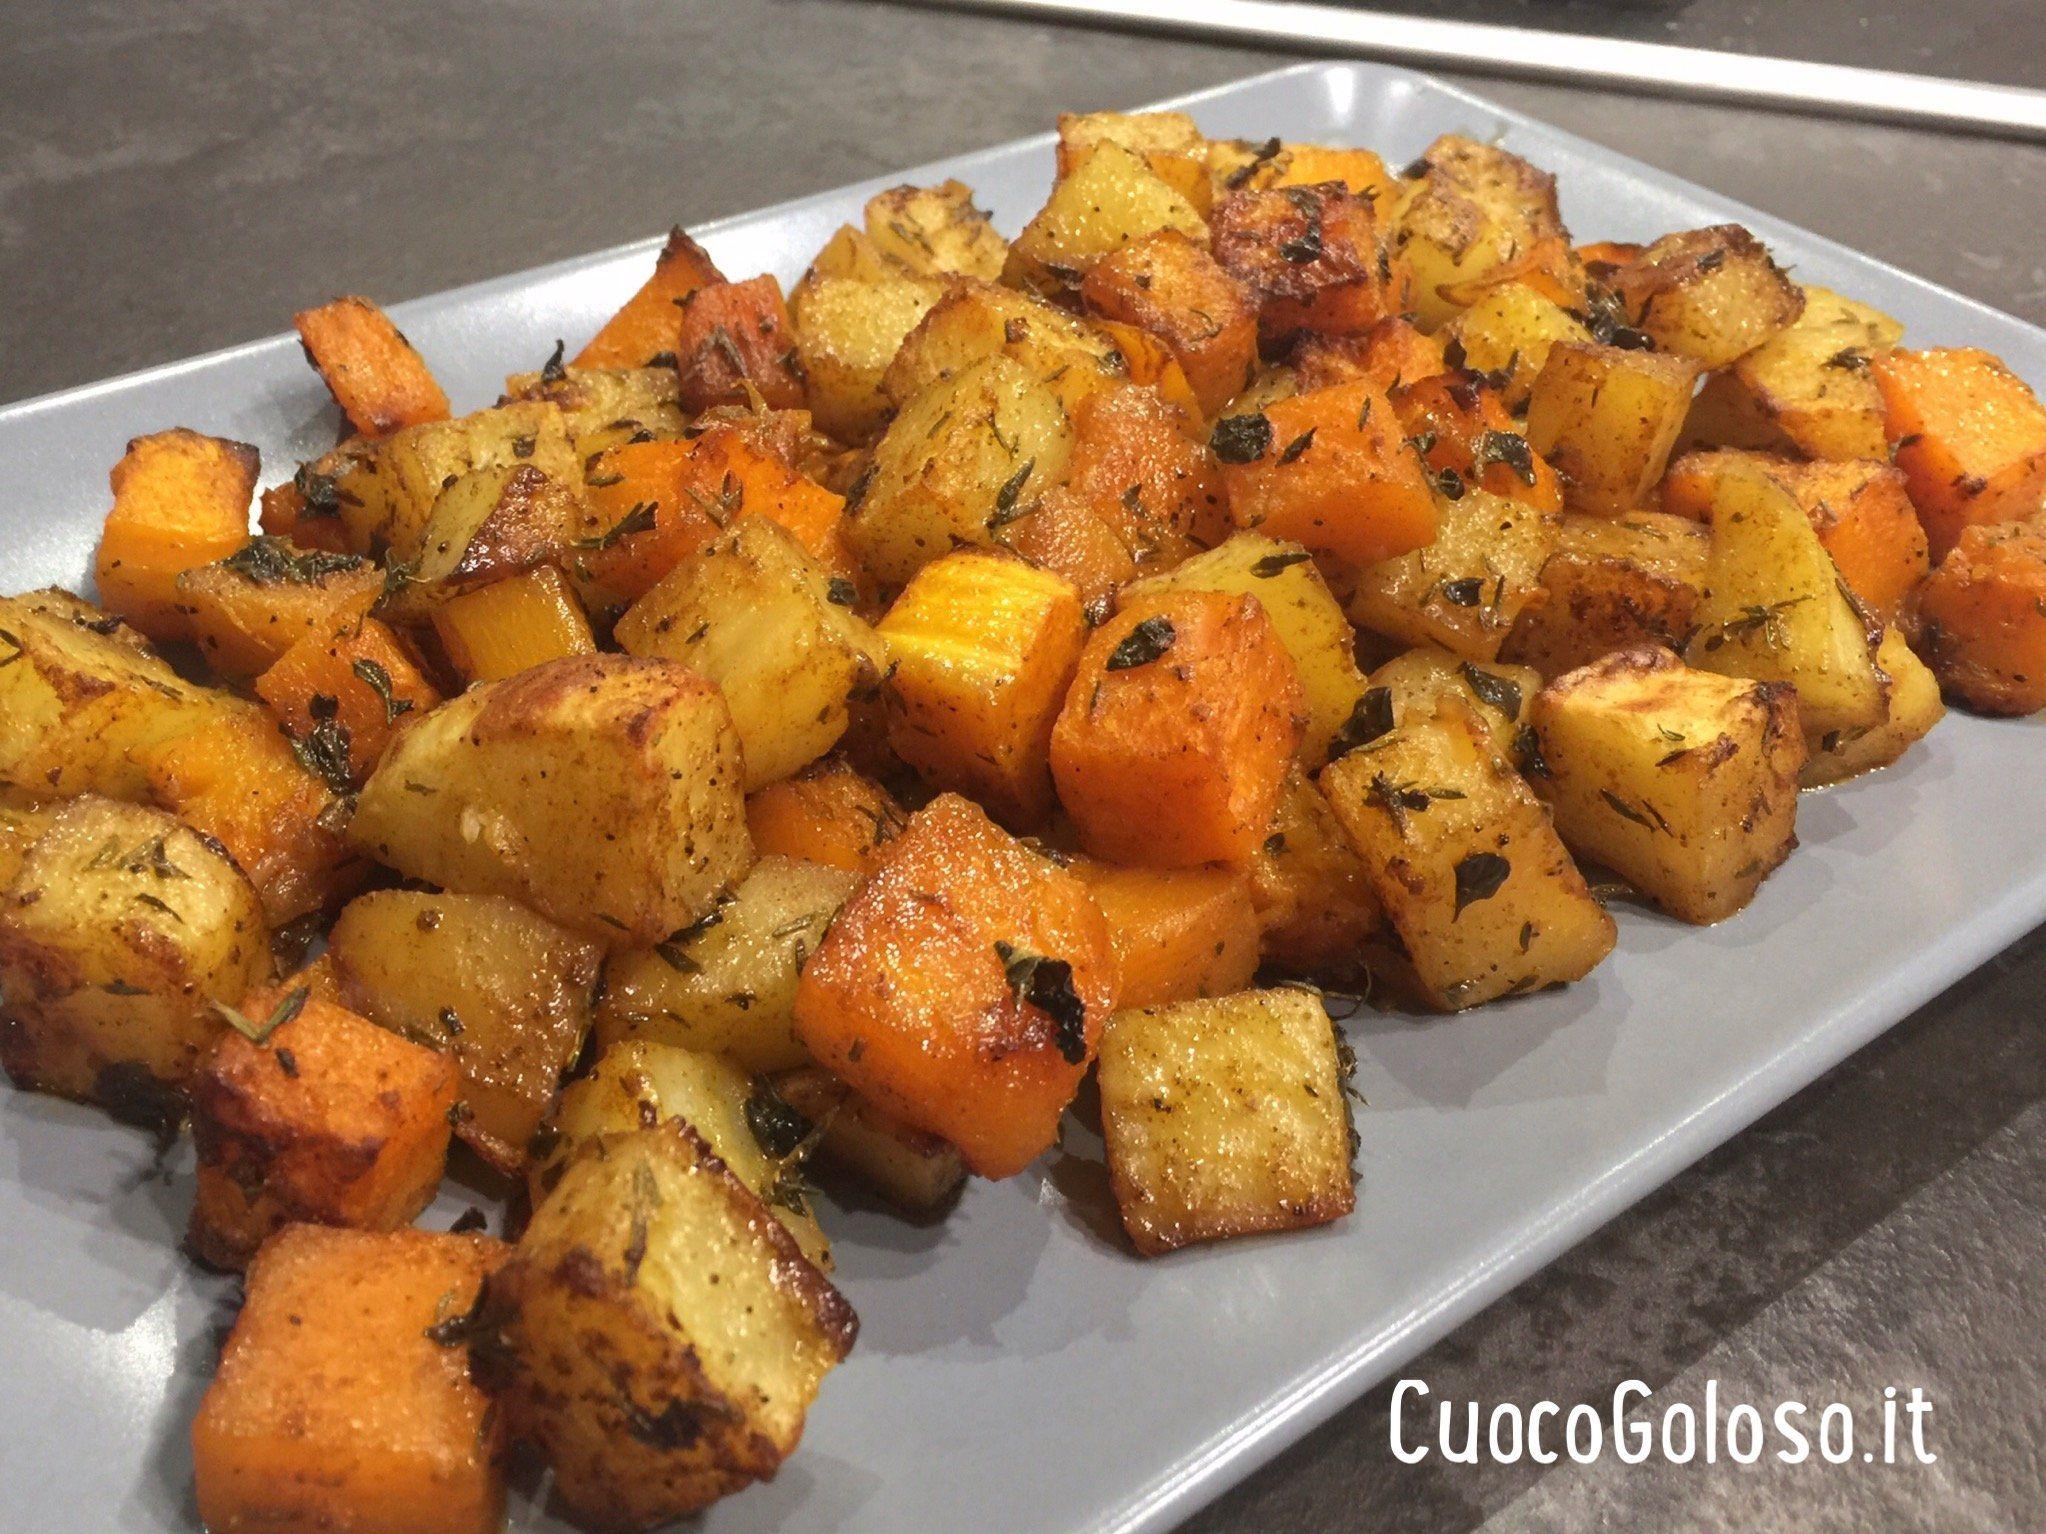 Accoppiata di Patate e Zucca al Forno